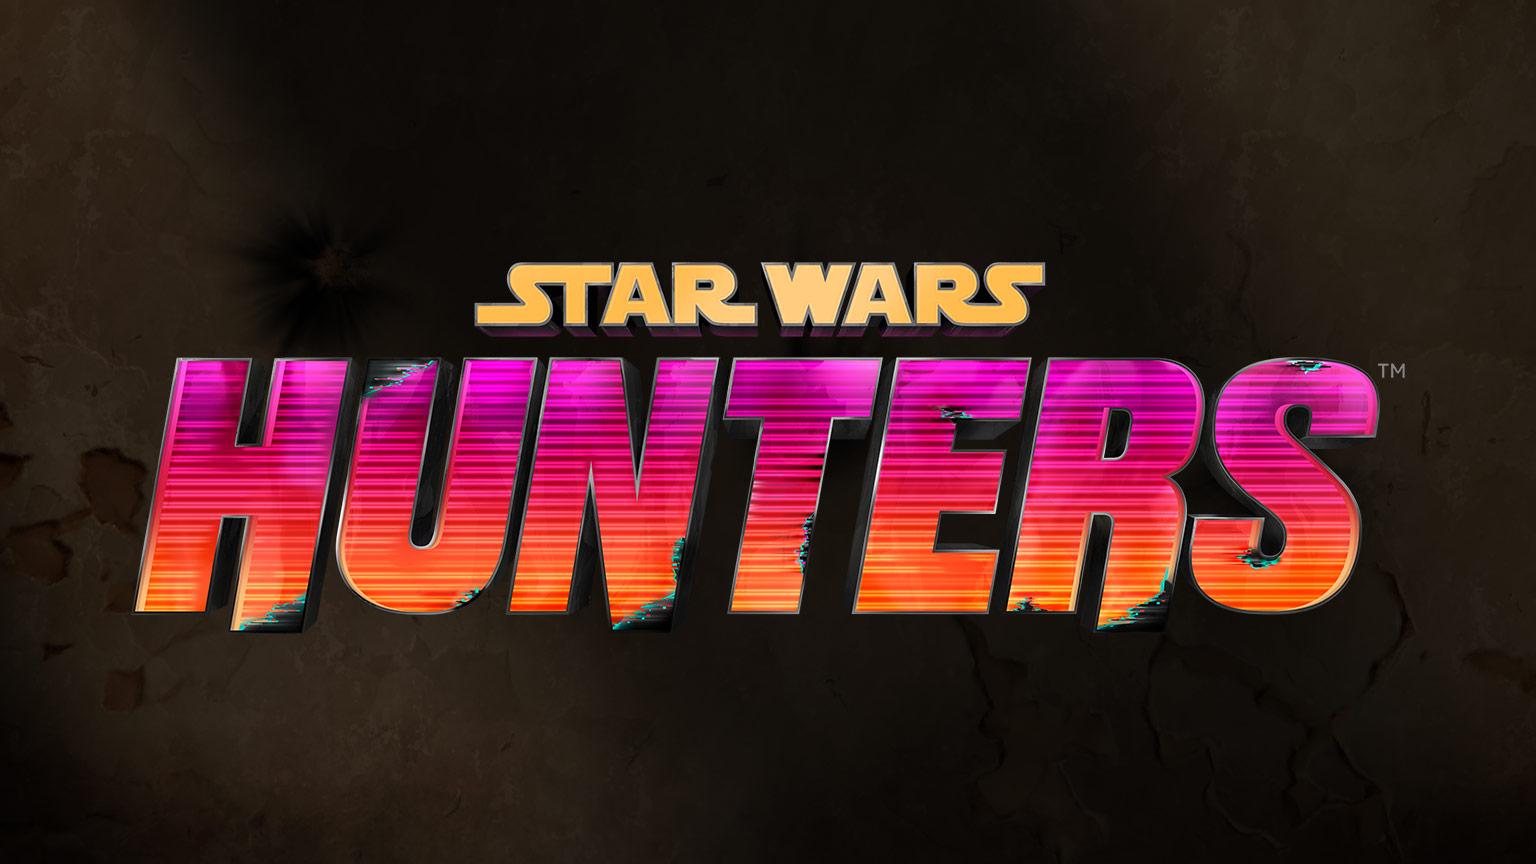 Появился тизер Star Wars: Hunters — соревновательной игры для Switch и смартфонов